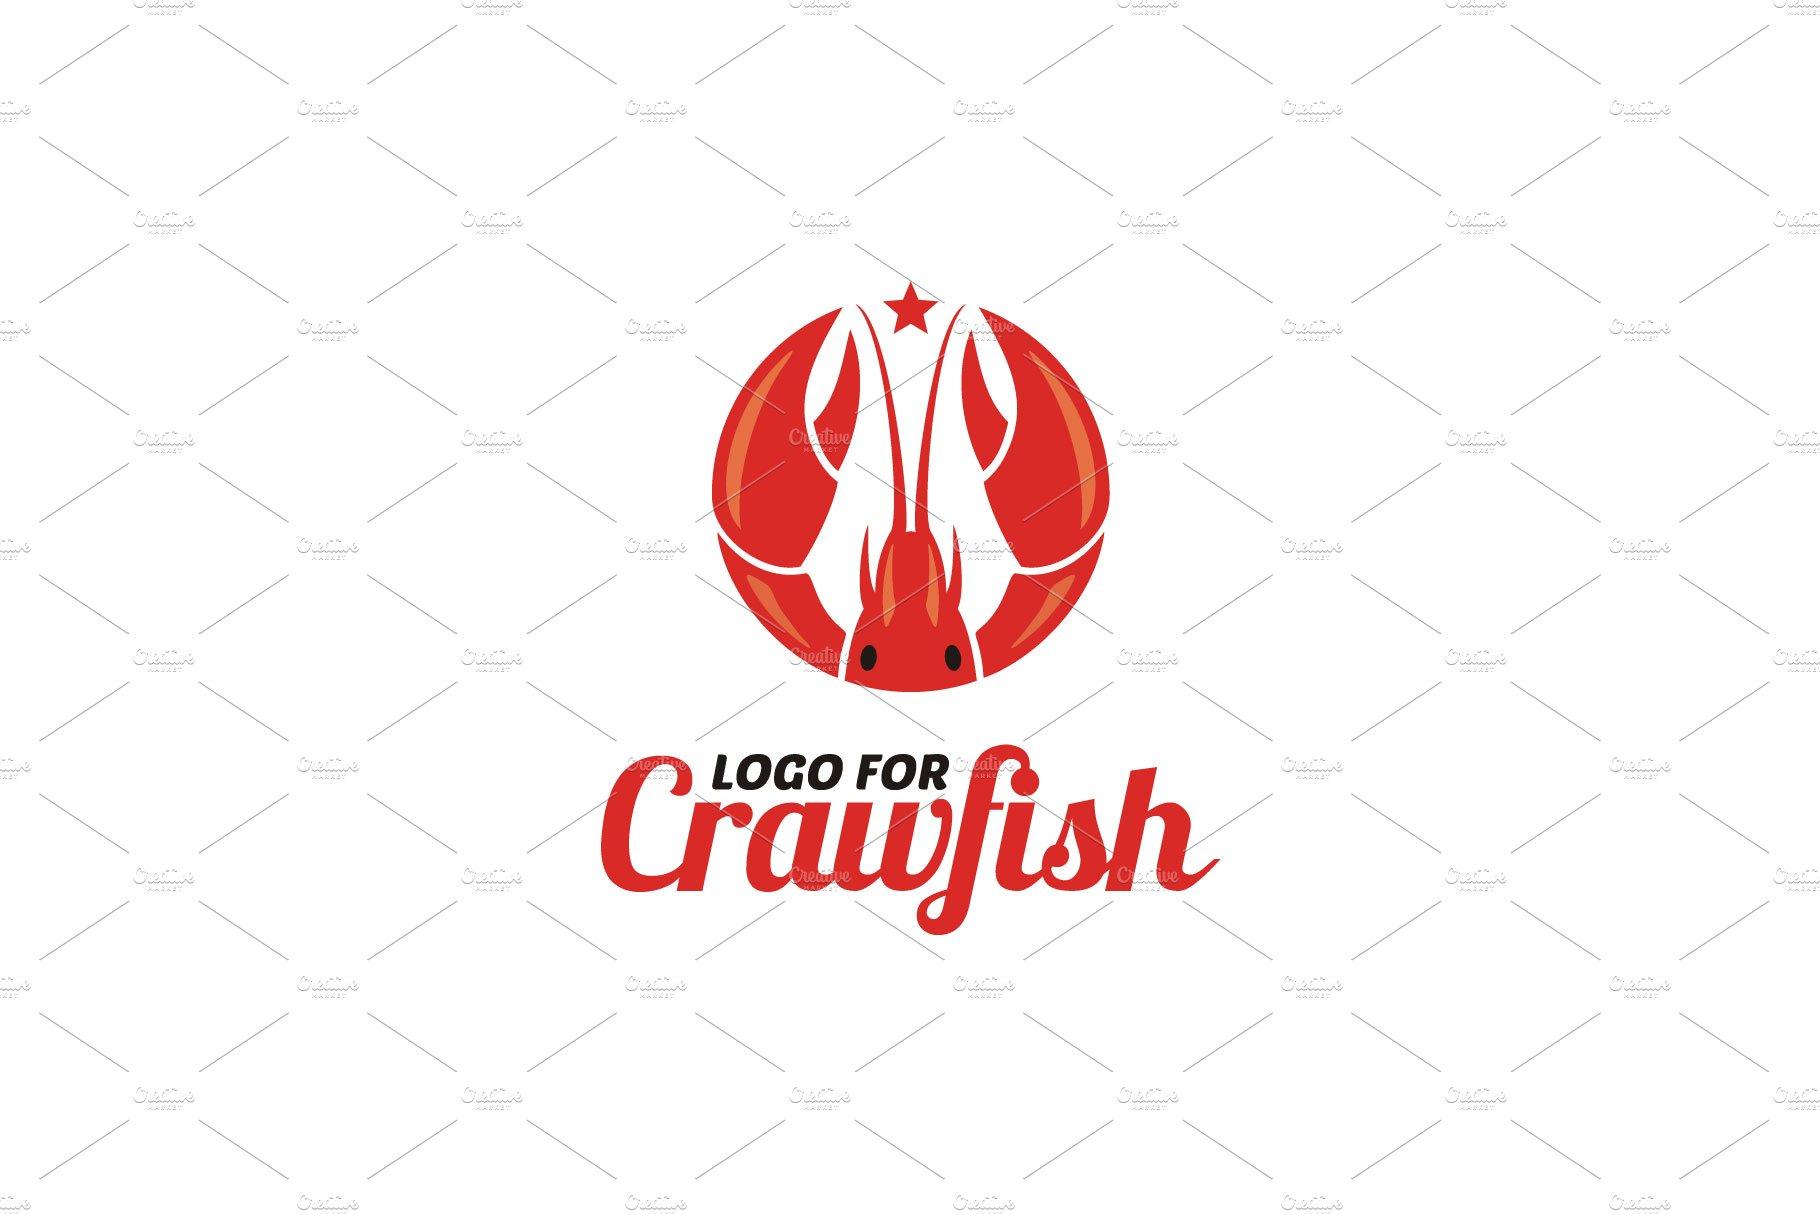 Crawfish Shrimp Lobster Seafood Logo.